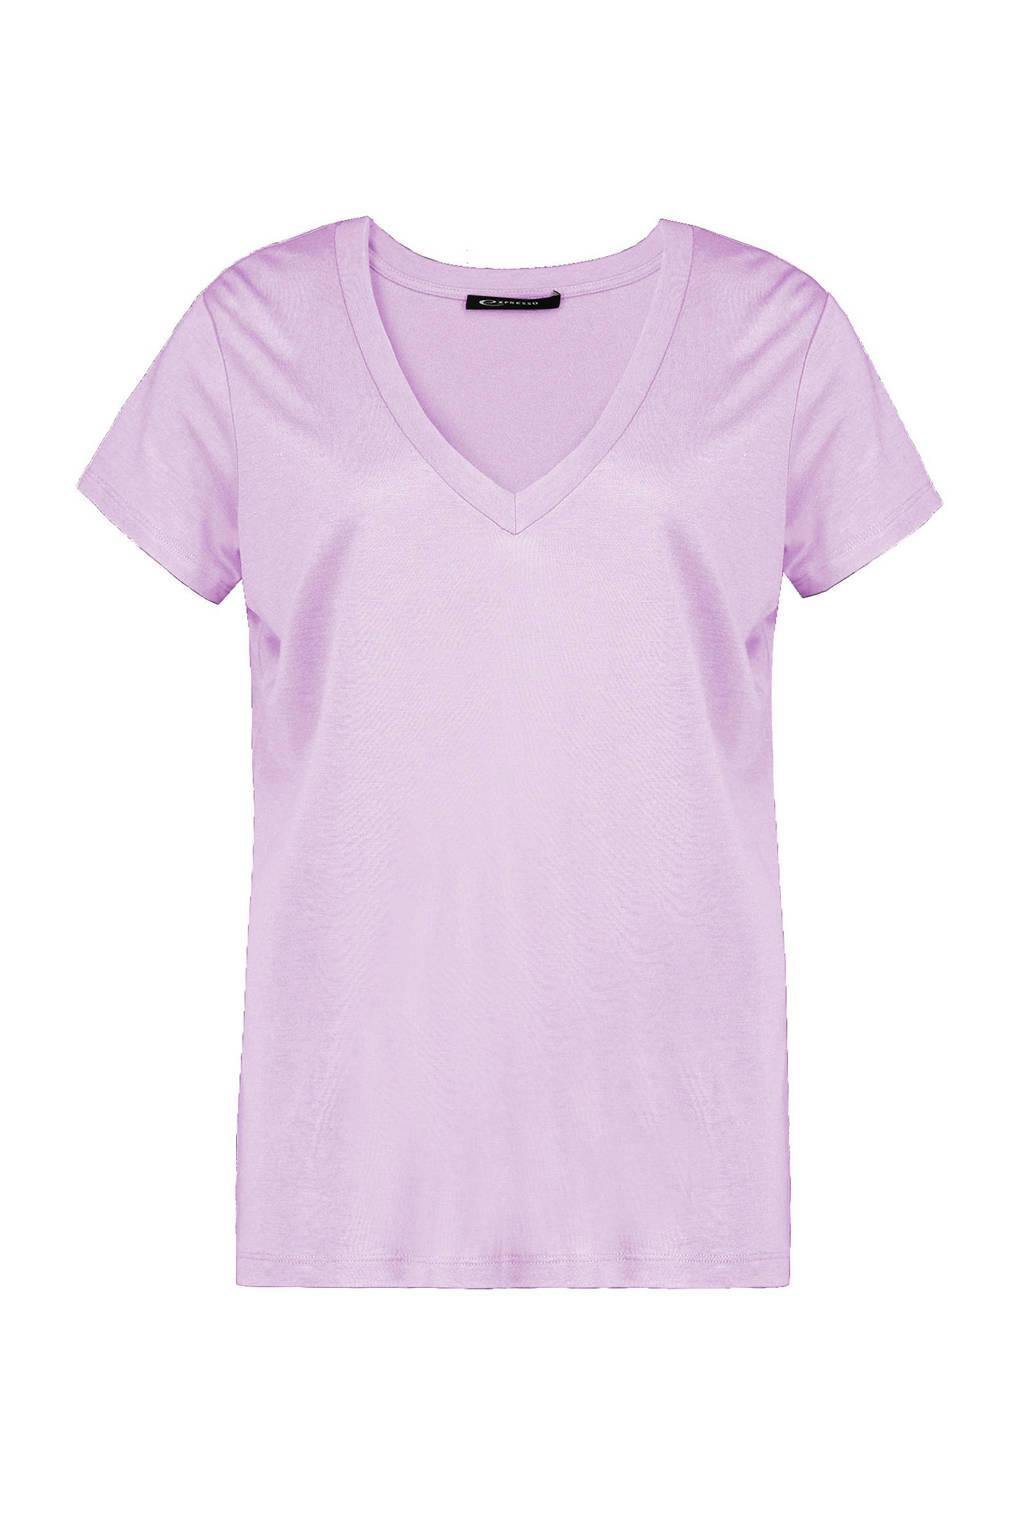 Expresso T-shirt lila, Lila